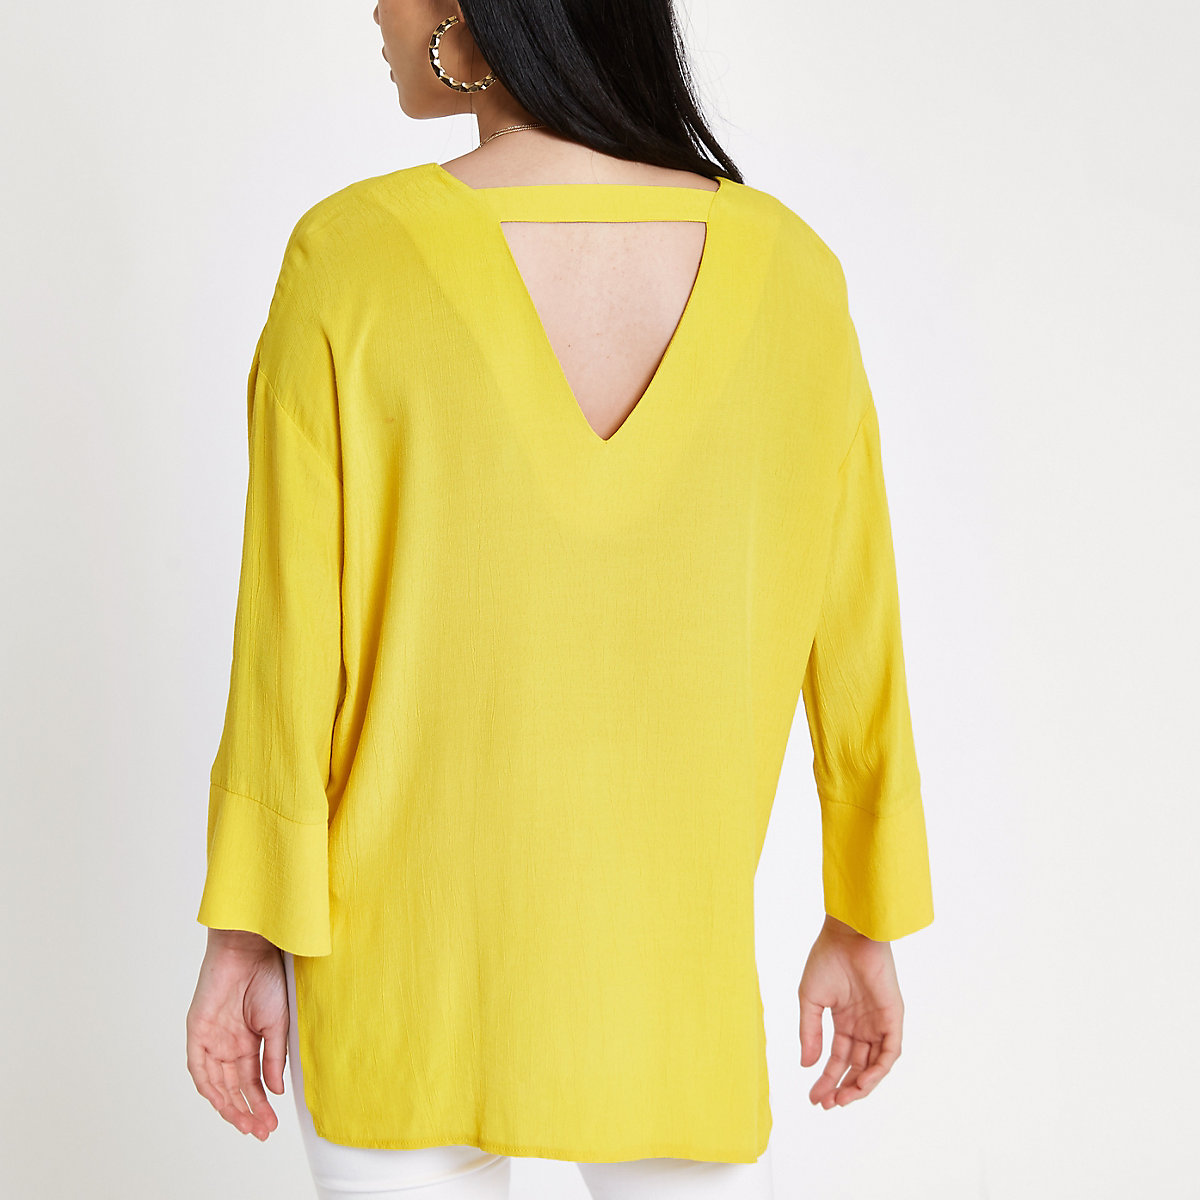 delantera barra amarillo Botón la en trasera blusa 0qzgIfgw